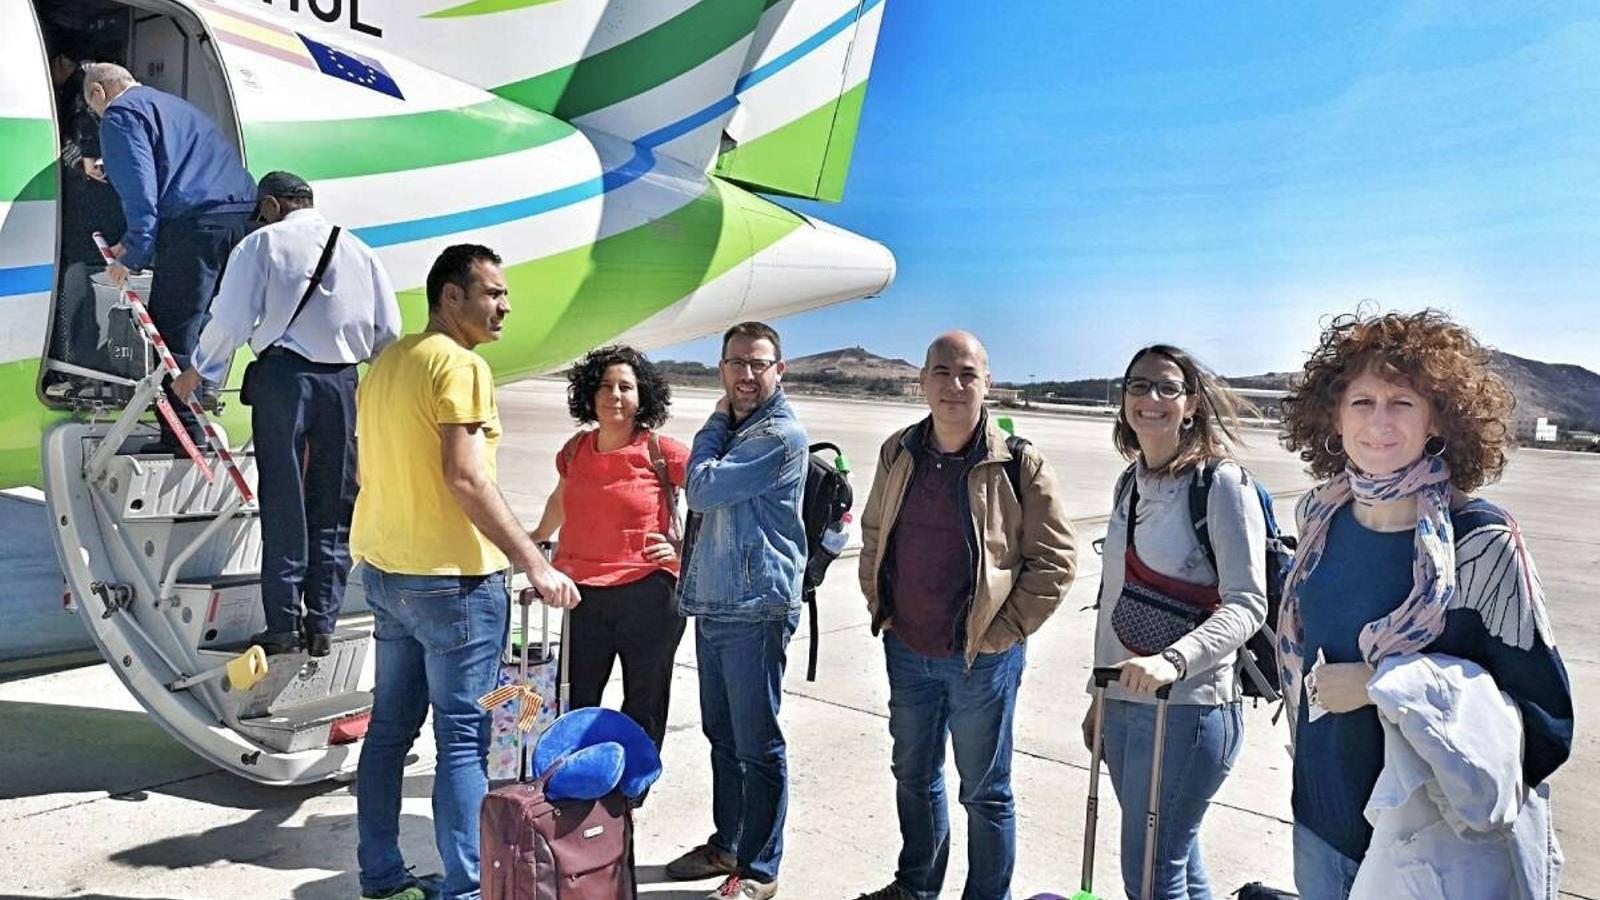 La delegació catalana que no ha pogut entrar al Marroc.